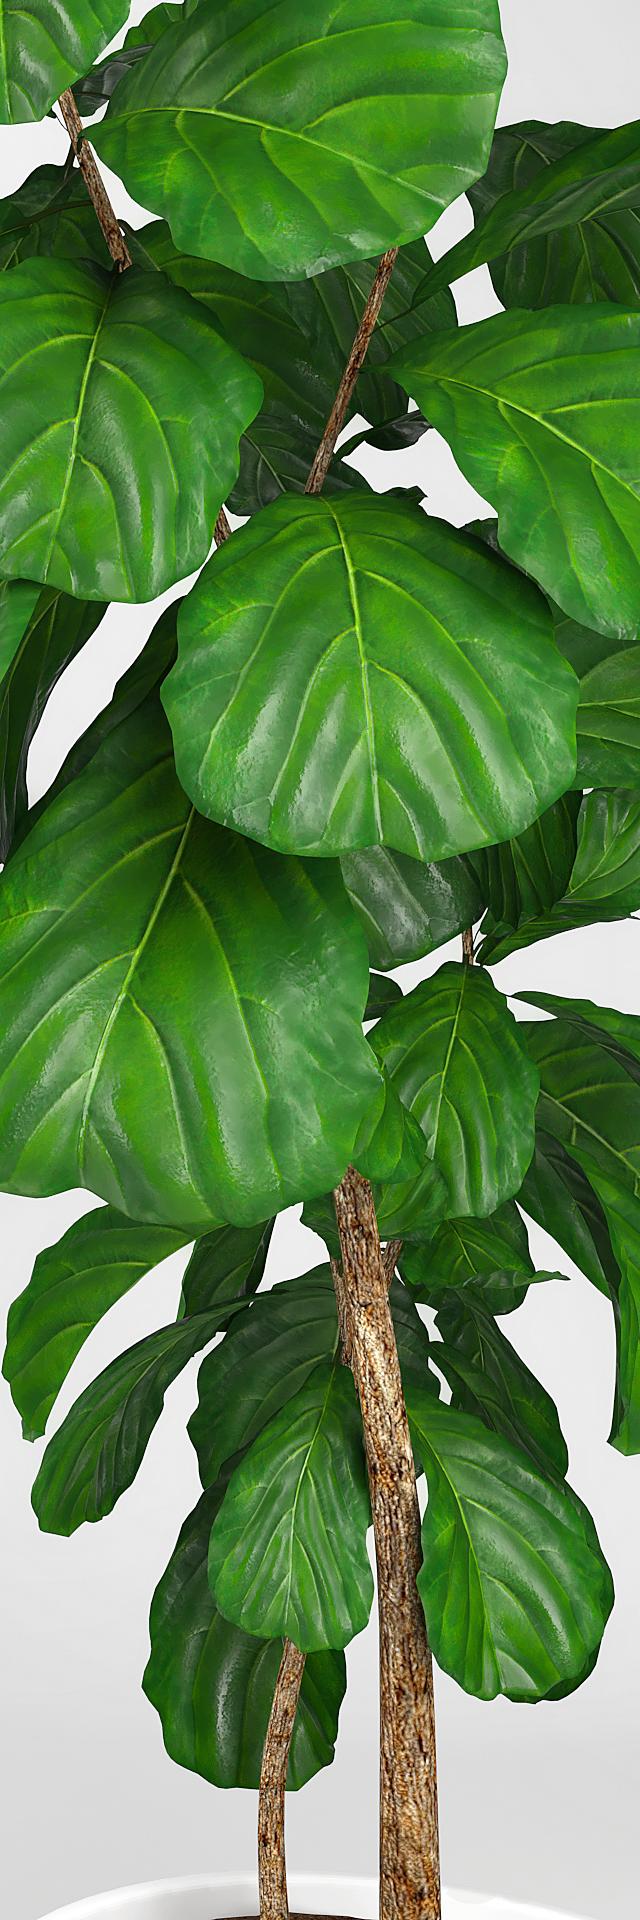 Fiddle leaf fig tree 3